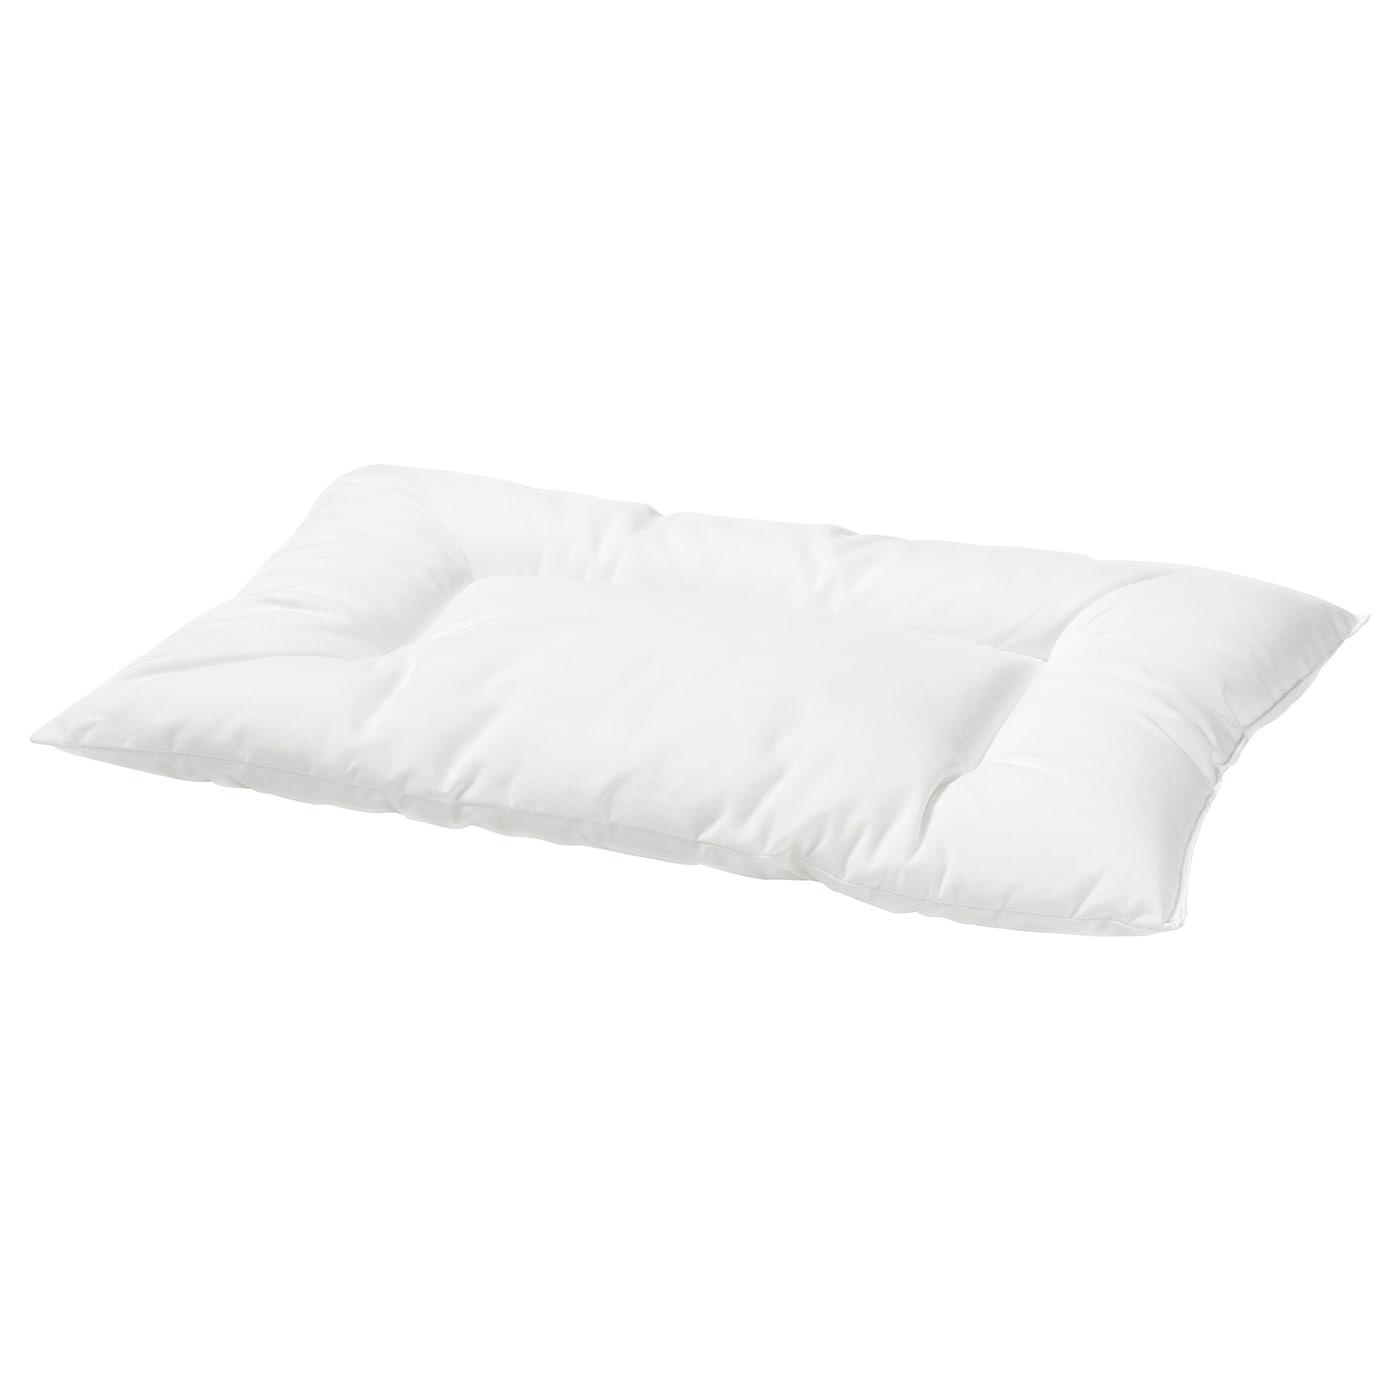 LEN Kopfkissen für Kinderbett - weiß - IKEA